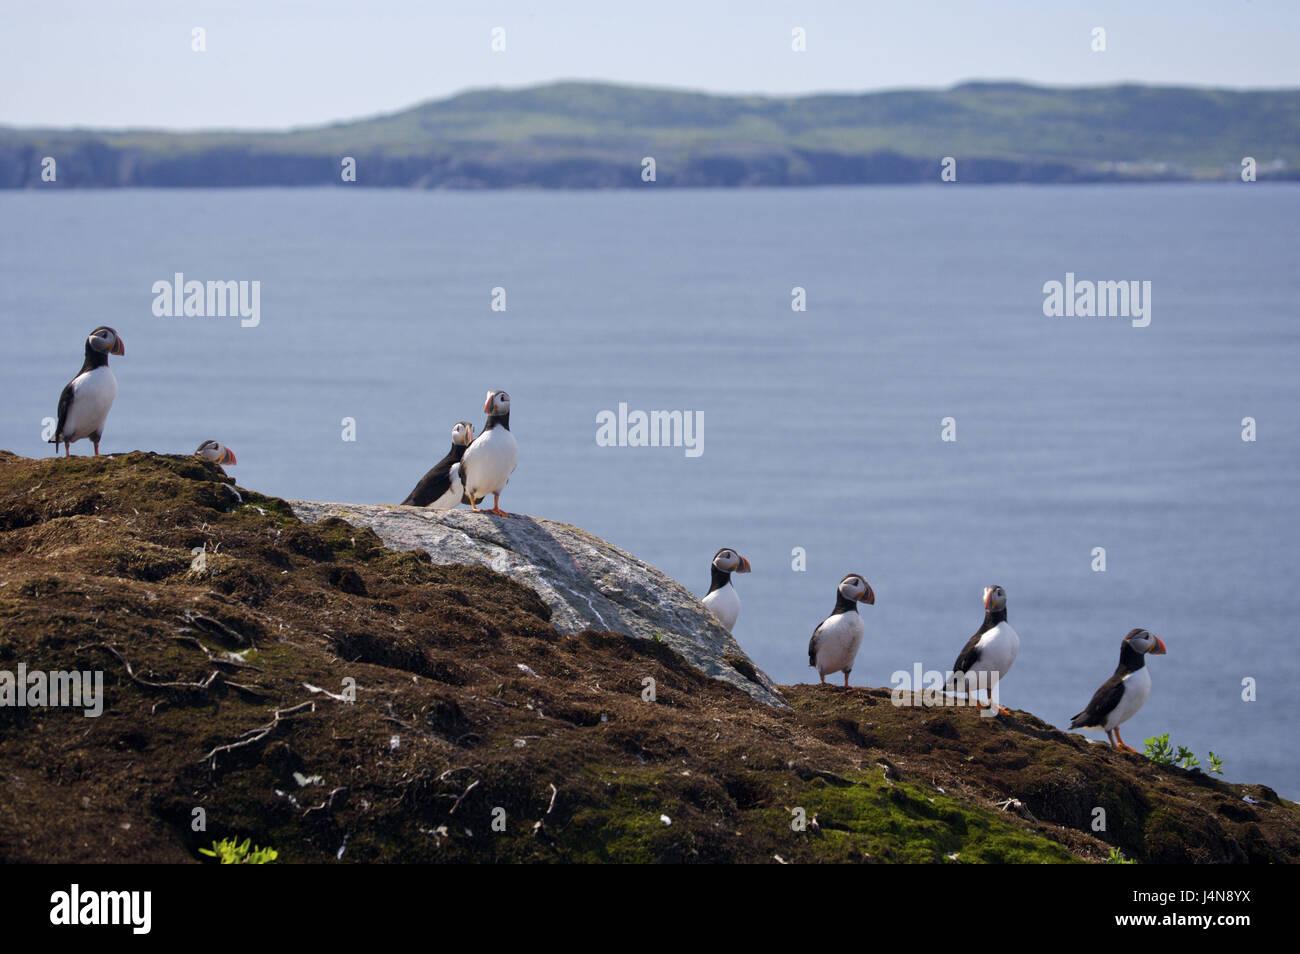 Canada, Newfoundland, Bonavista Peninsula, Vogel's colony, parrot diver, Fratercula arctica, - Stock Image